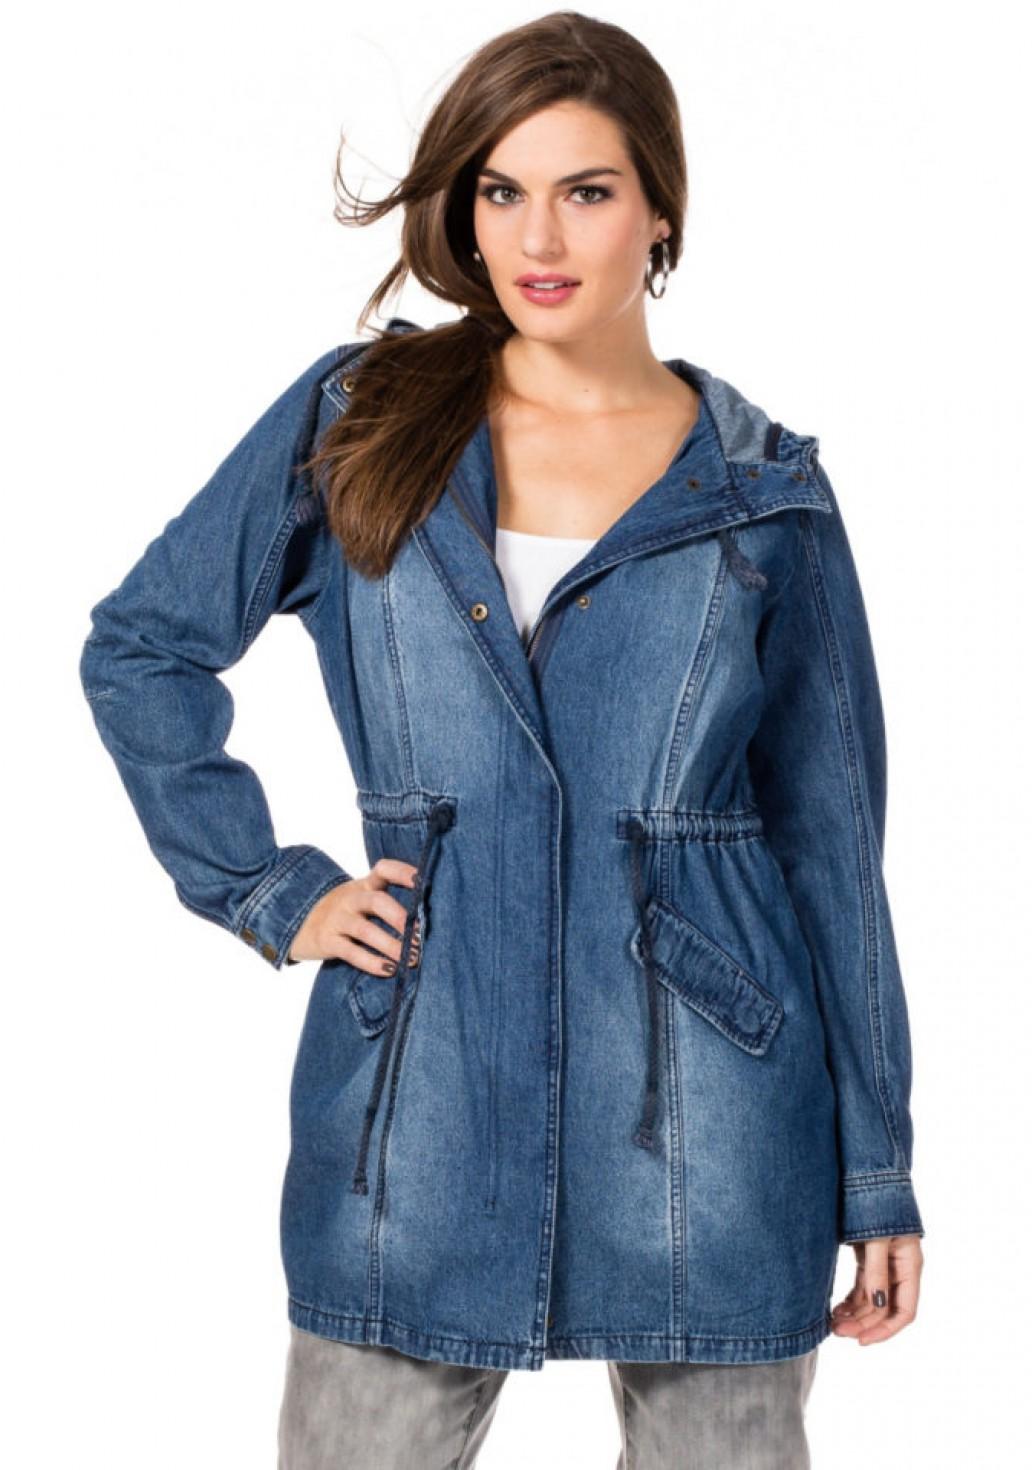 Джинсовая куртка с капюшоном для полных женщин